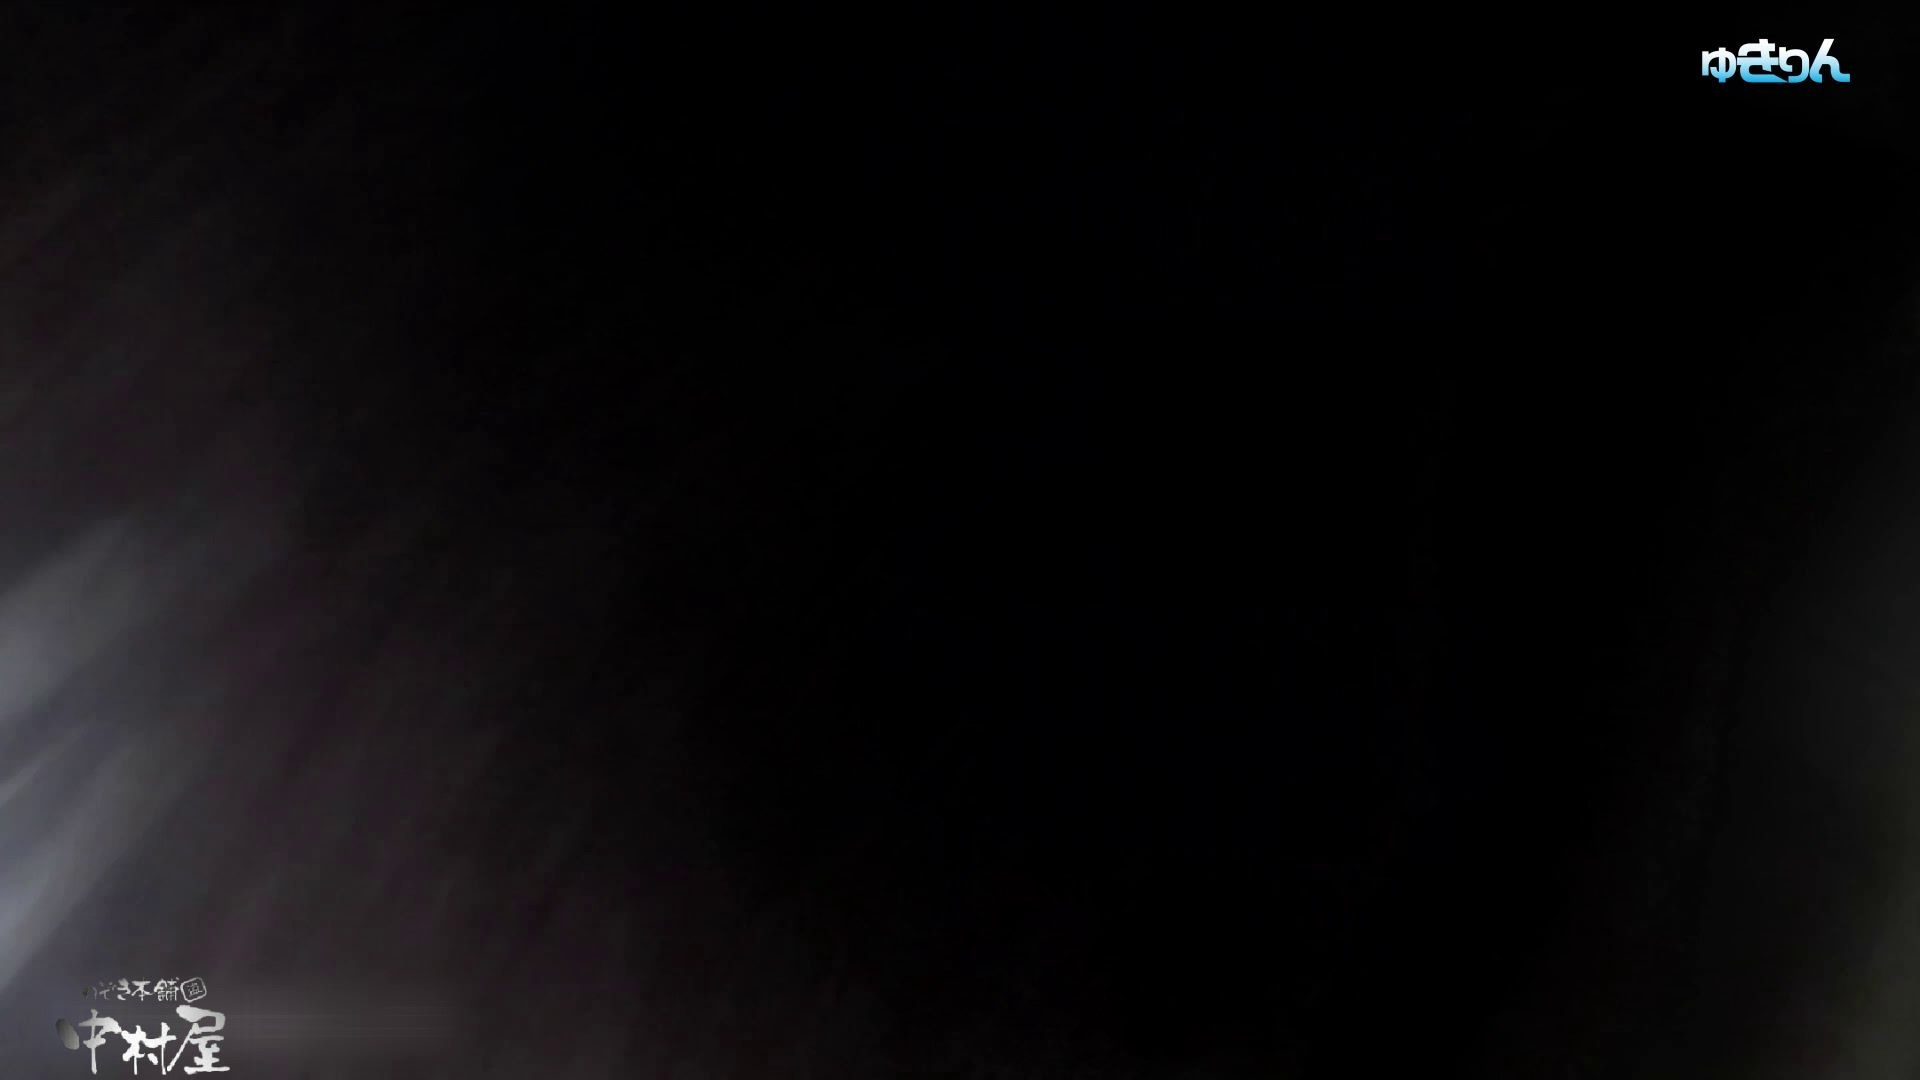 世界の射窓から~ステーション編 vol60 ユキリン粘着撮り!!今回はタイトなパンツが似合う美女 0  82pic 78